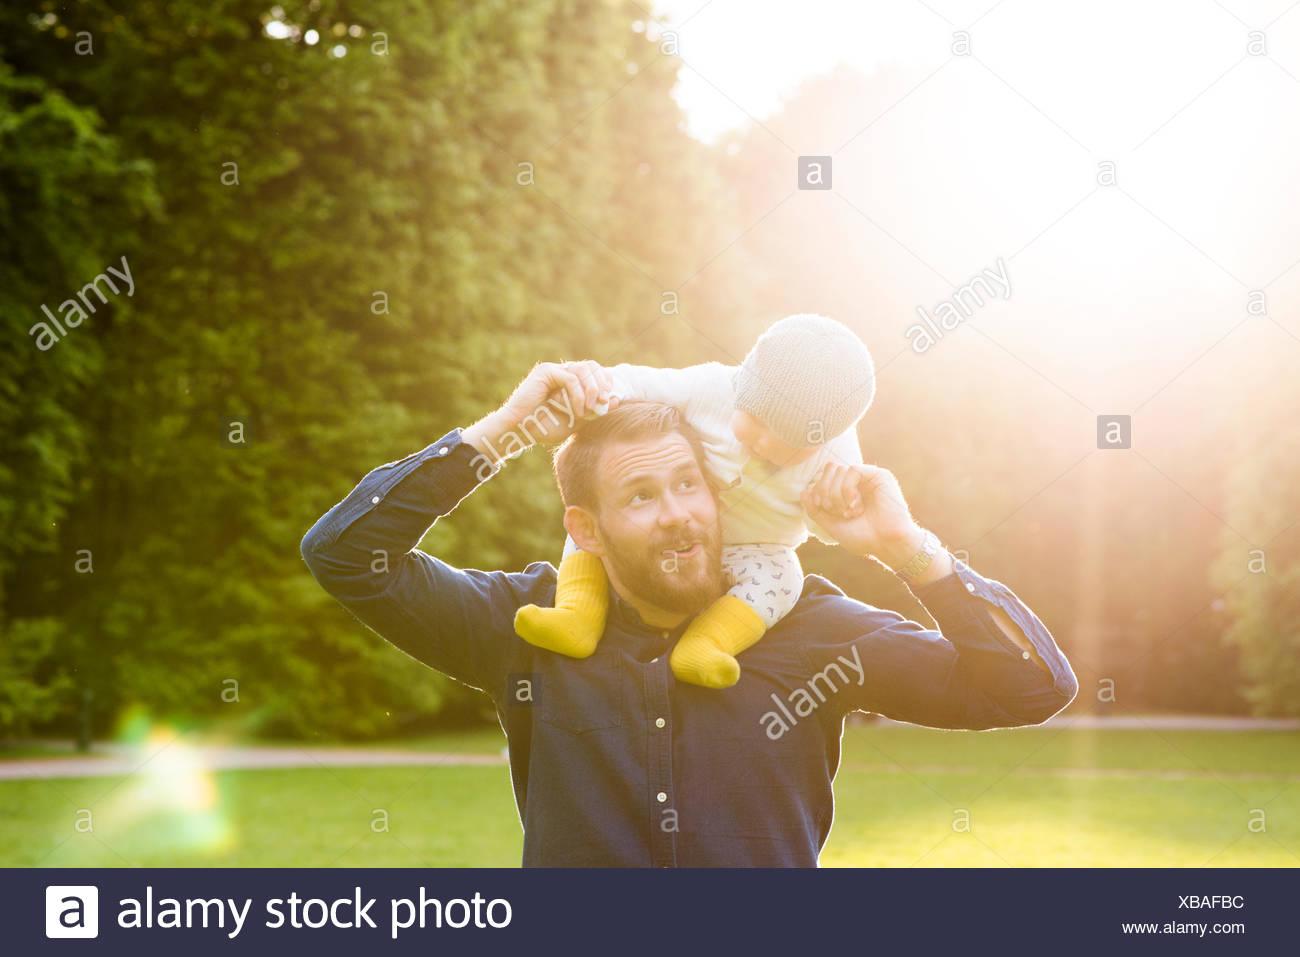 La Suède, Stockholm, Malmö, père tenant son (18-23 mois) in park Photo Stock